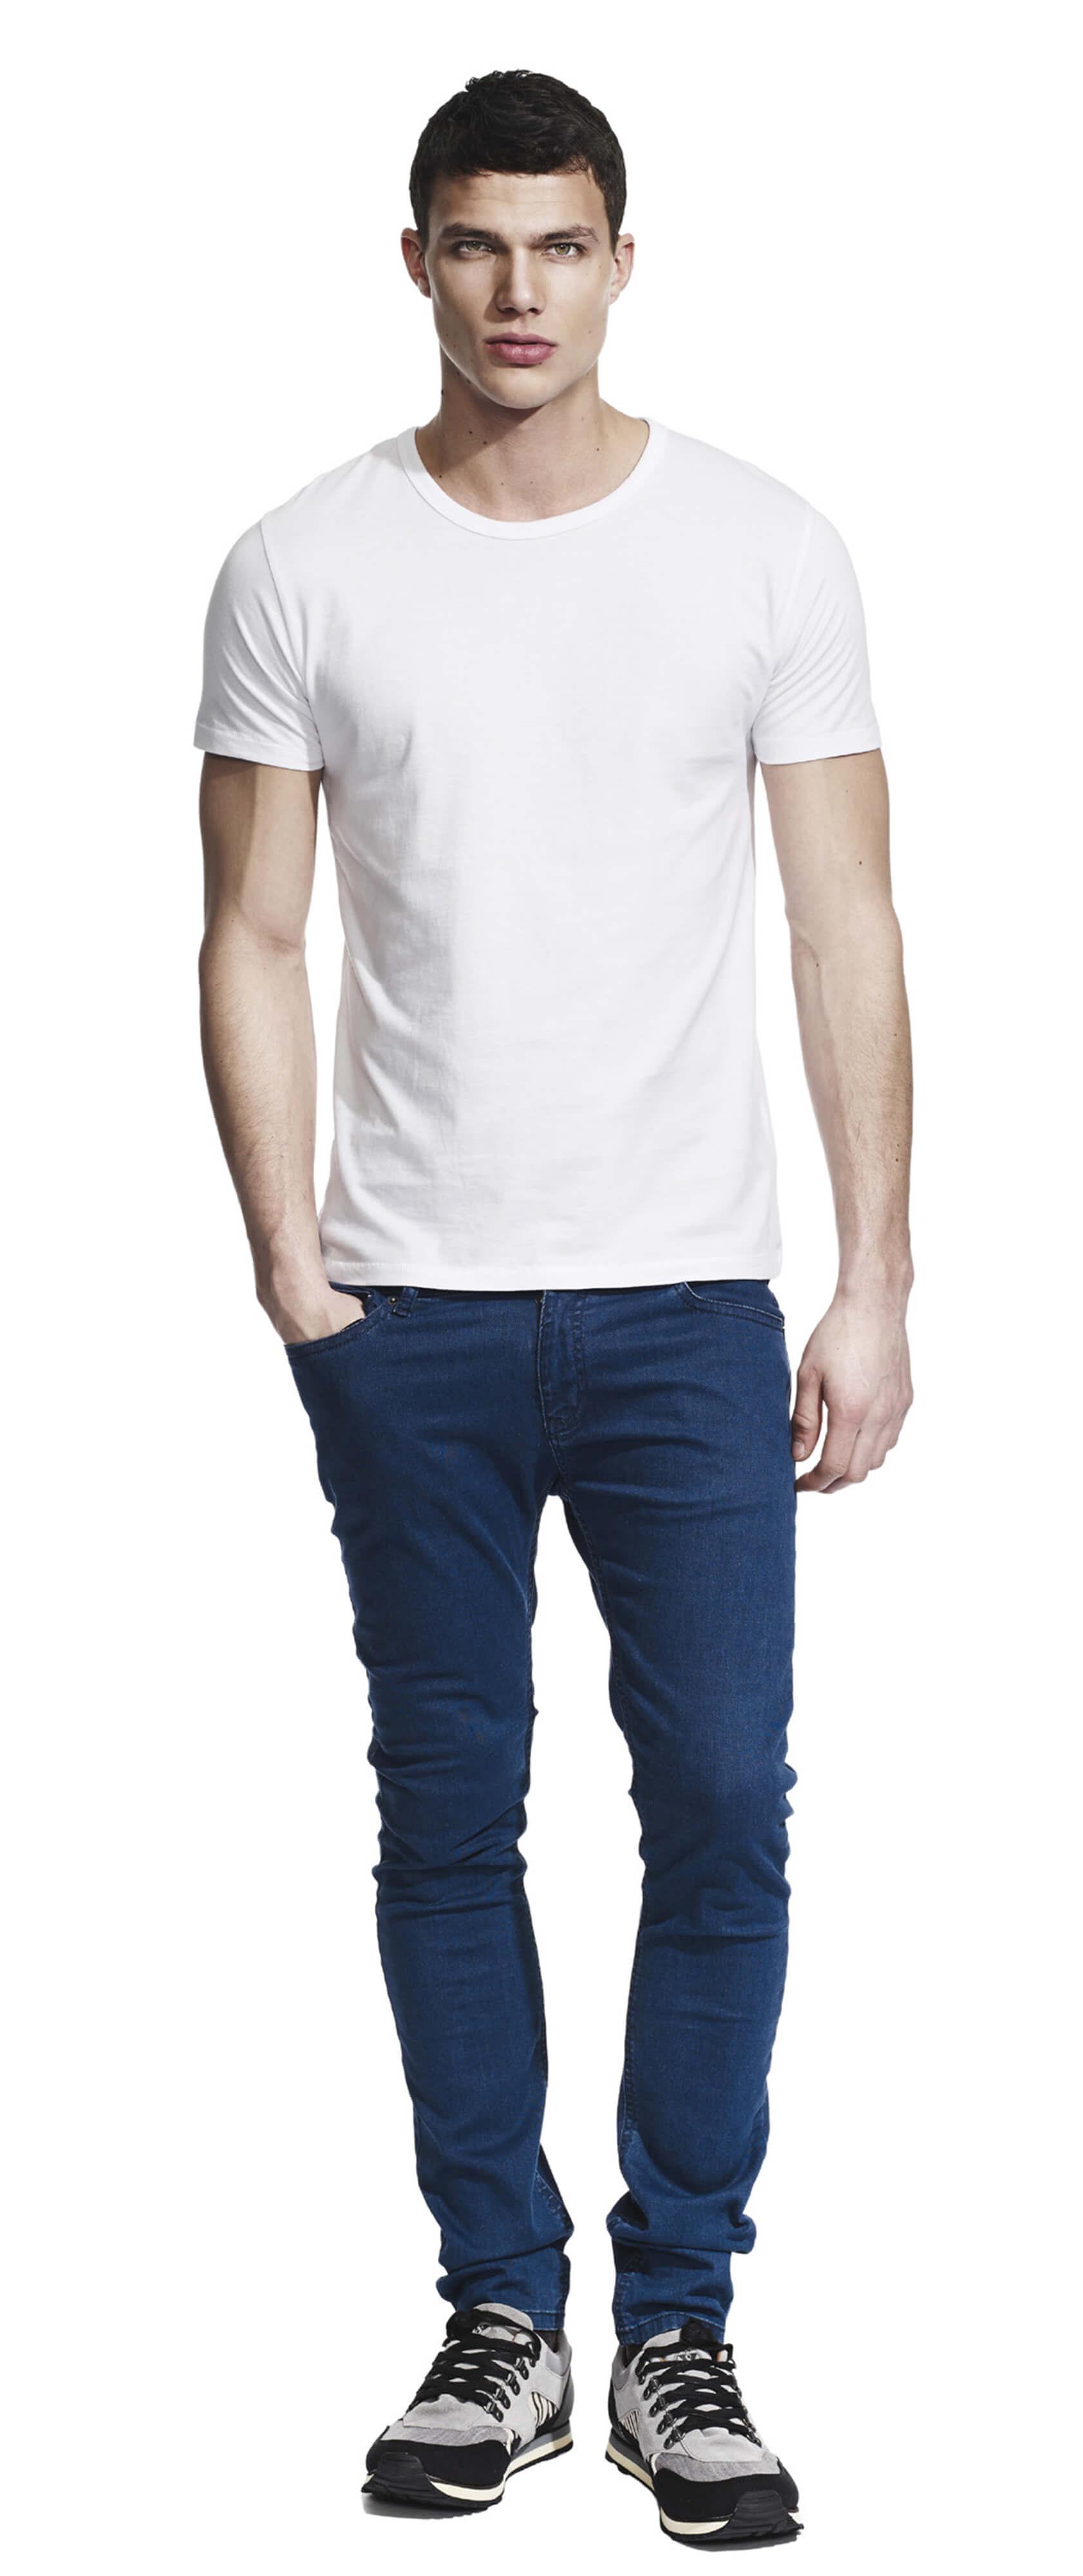 Weiße T-Shirts für Damen   Herren im Online-Shop bestellen ... a4e12313ba